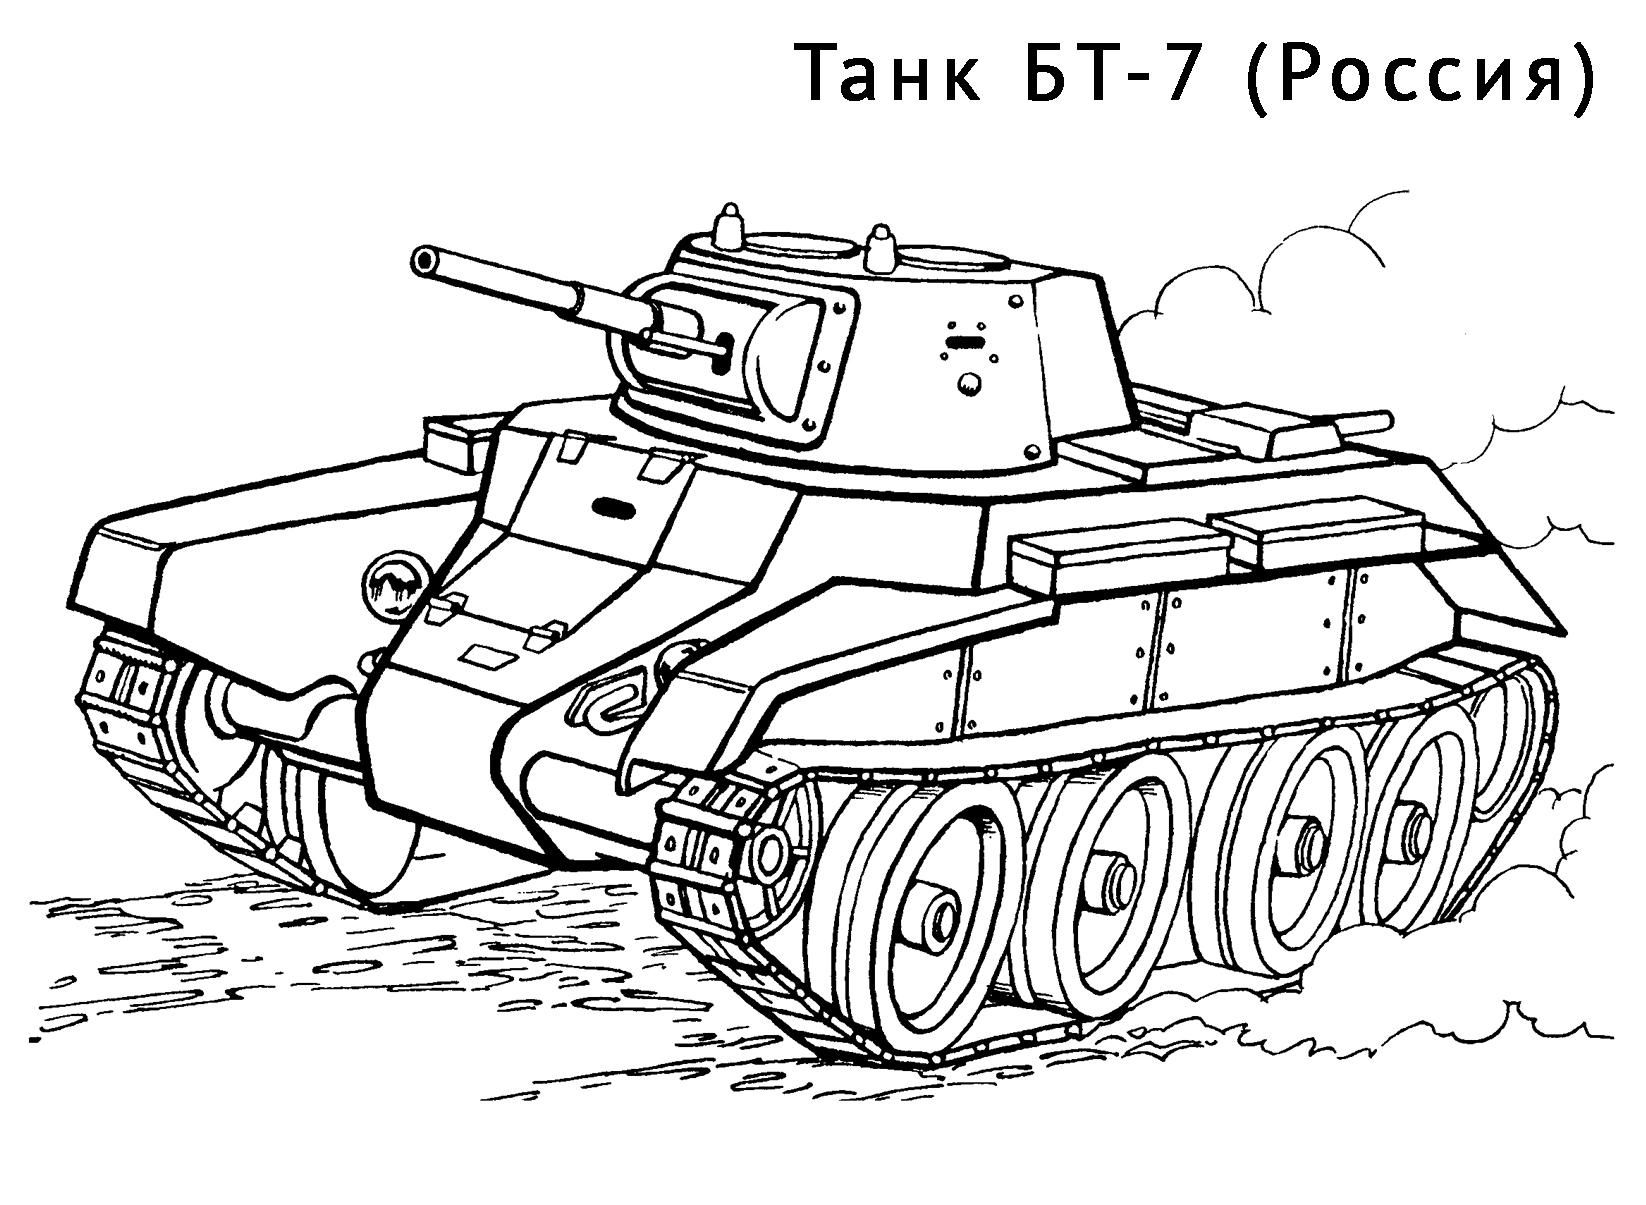 Раскраска Танк БТ-7 распечатать или скачать бесплатно